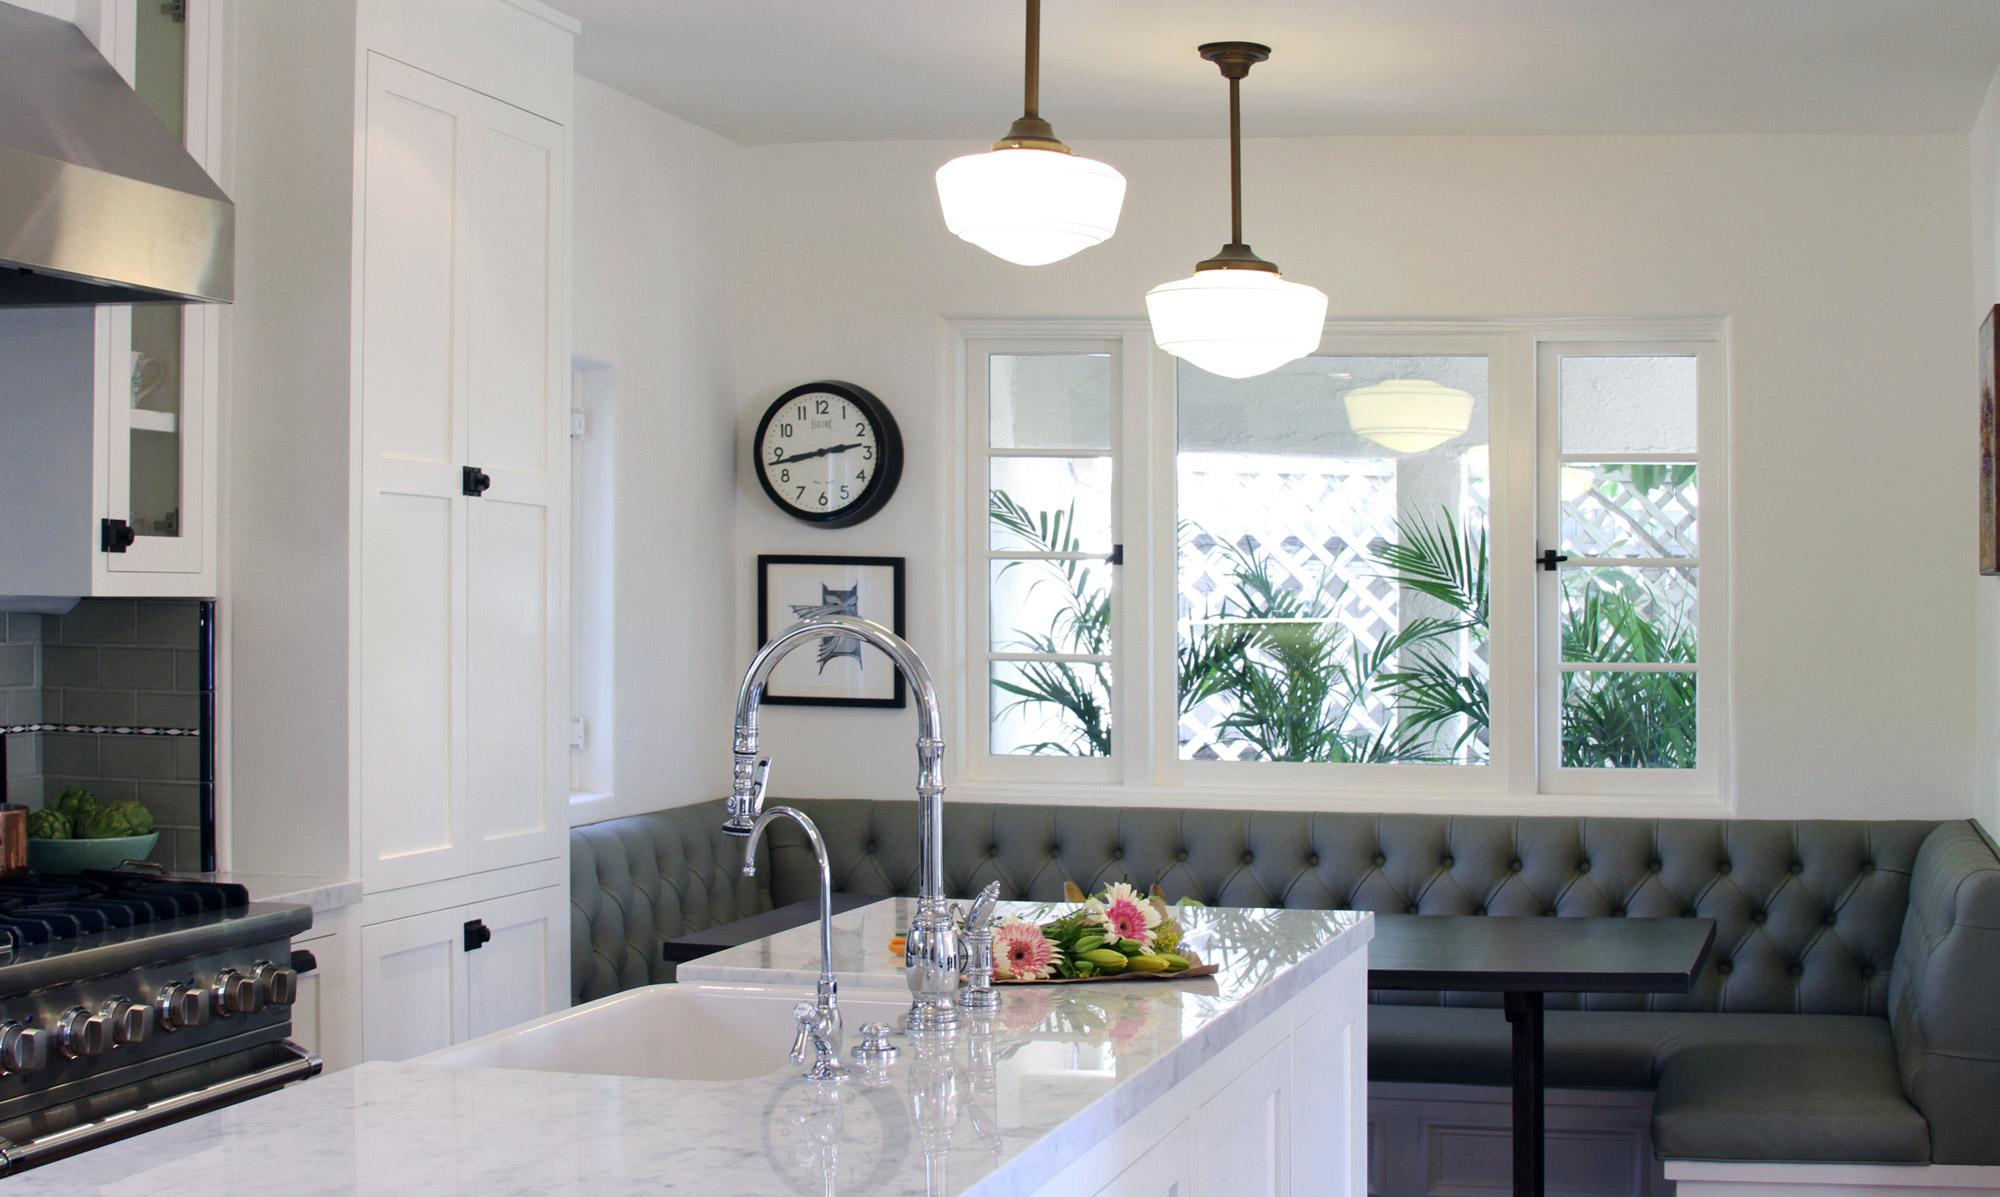 5 gợi ý trang trí lại phòng bếp , 5 ý tưởng cải tạo phòng bếp